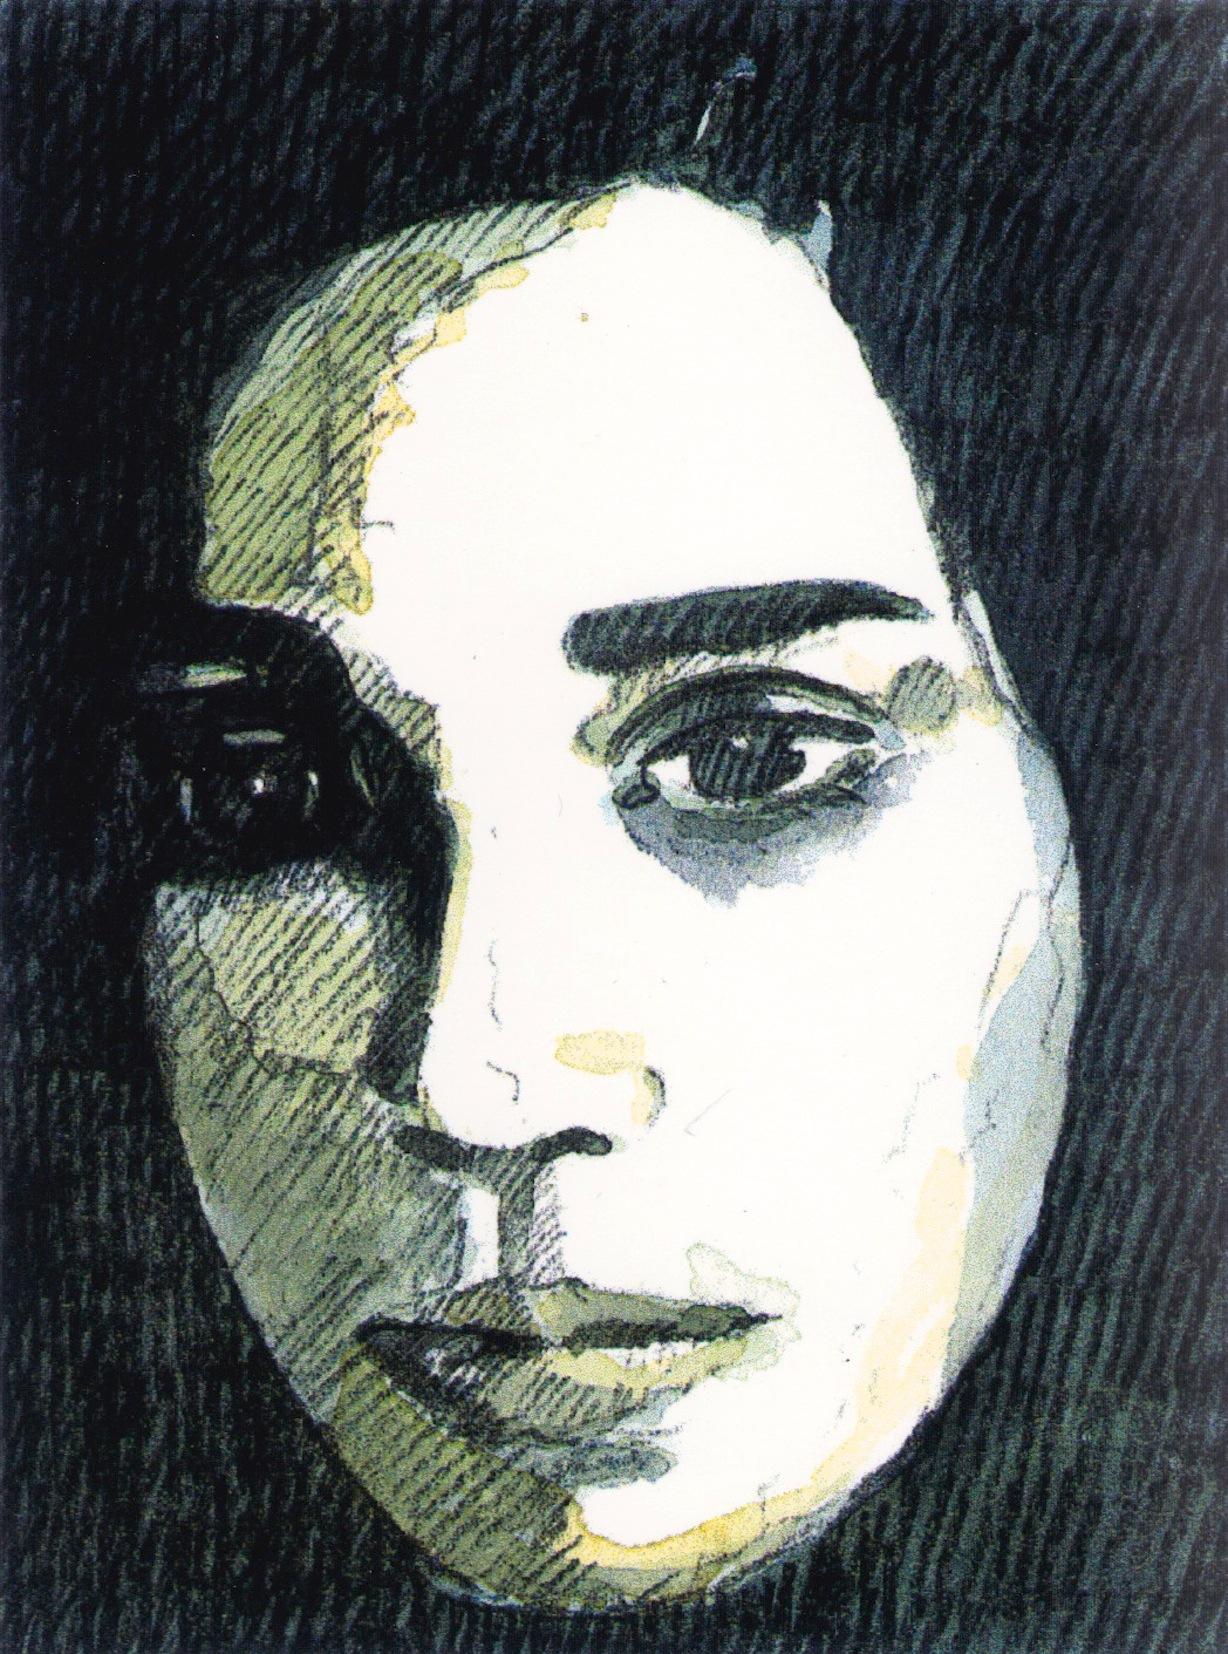 Porträtstudie, mixed media Aquarell/Pittstift, 12 x 9 cm, 2006